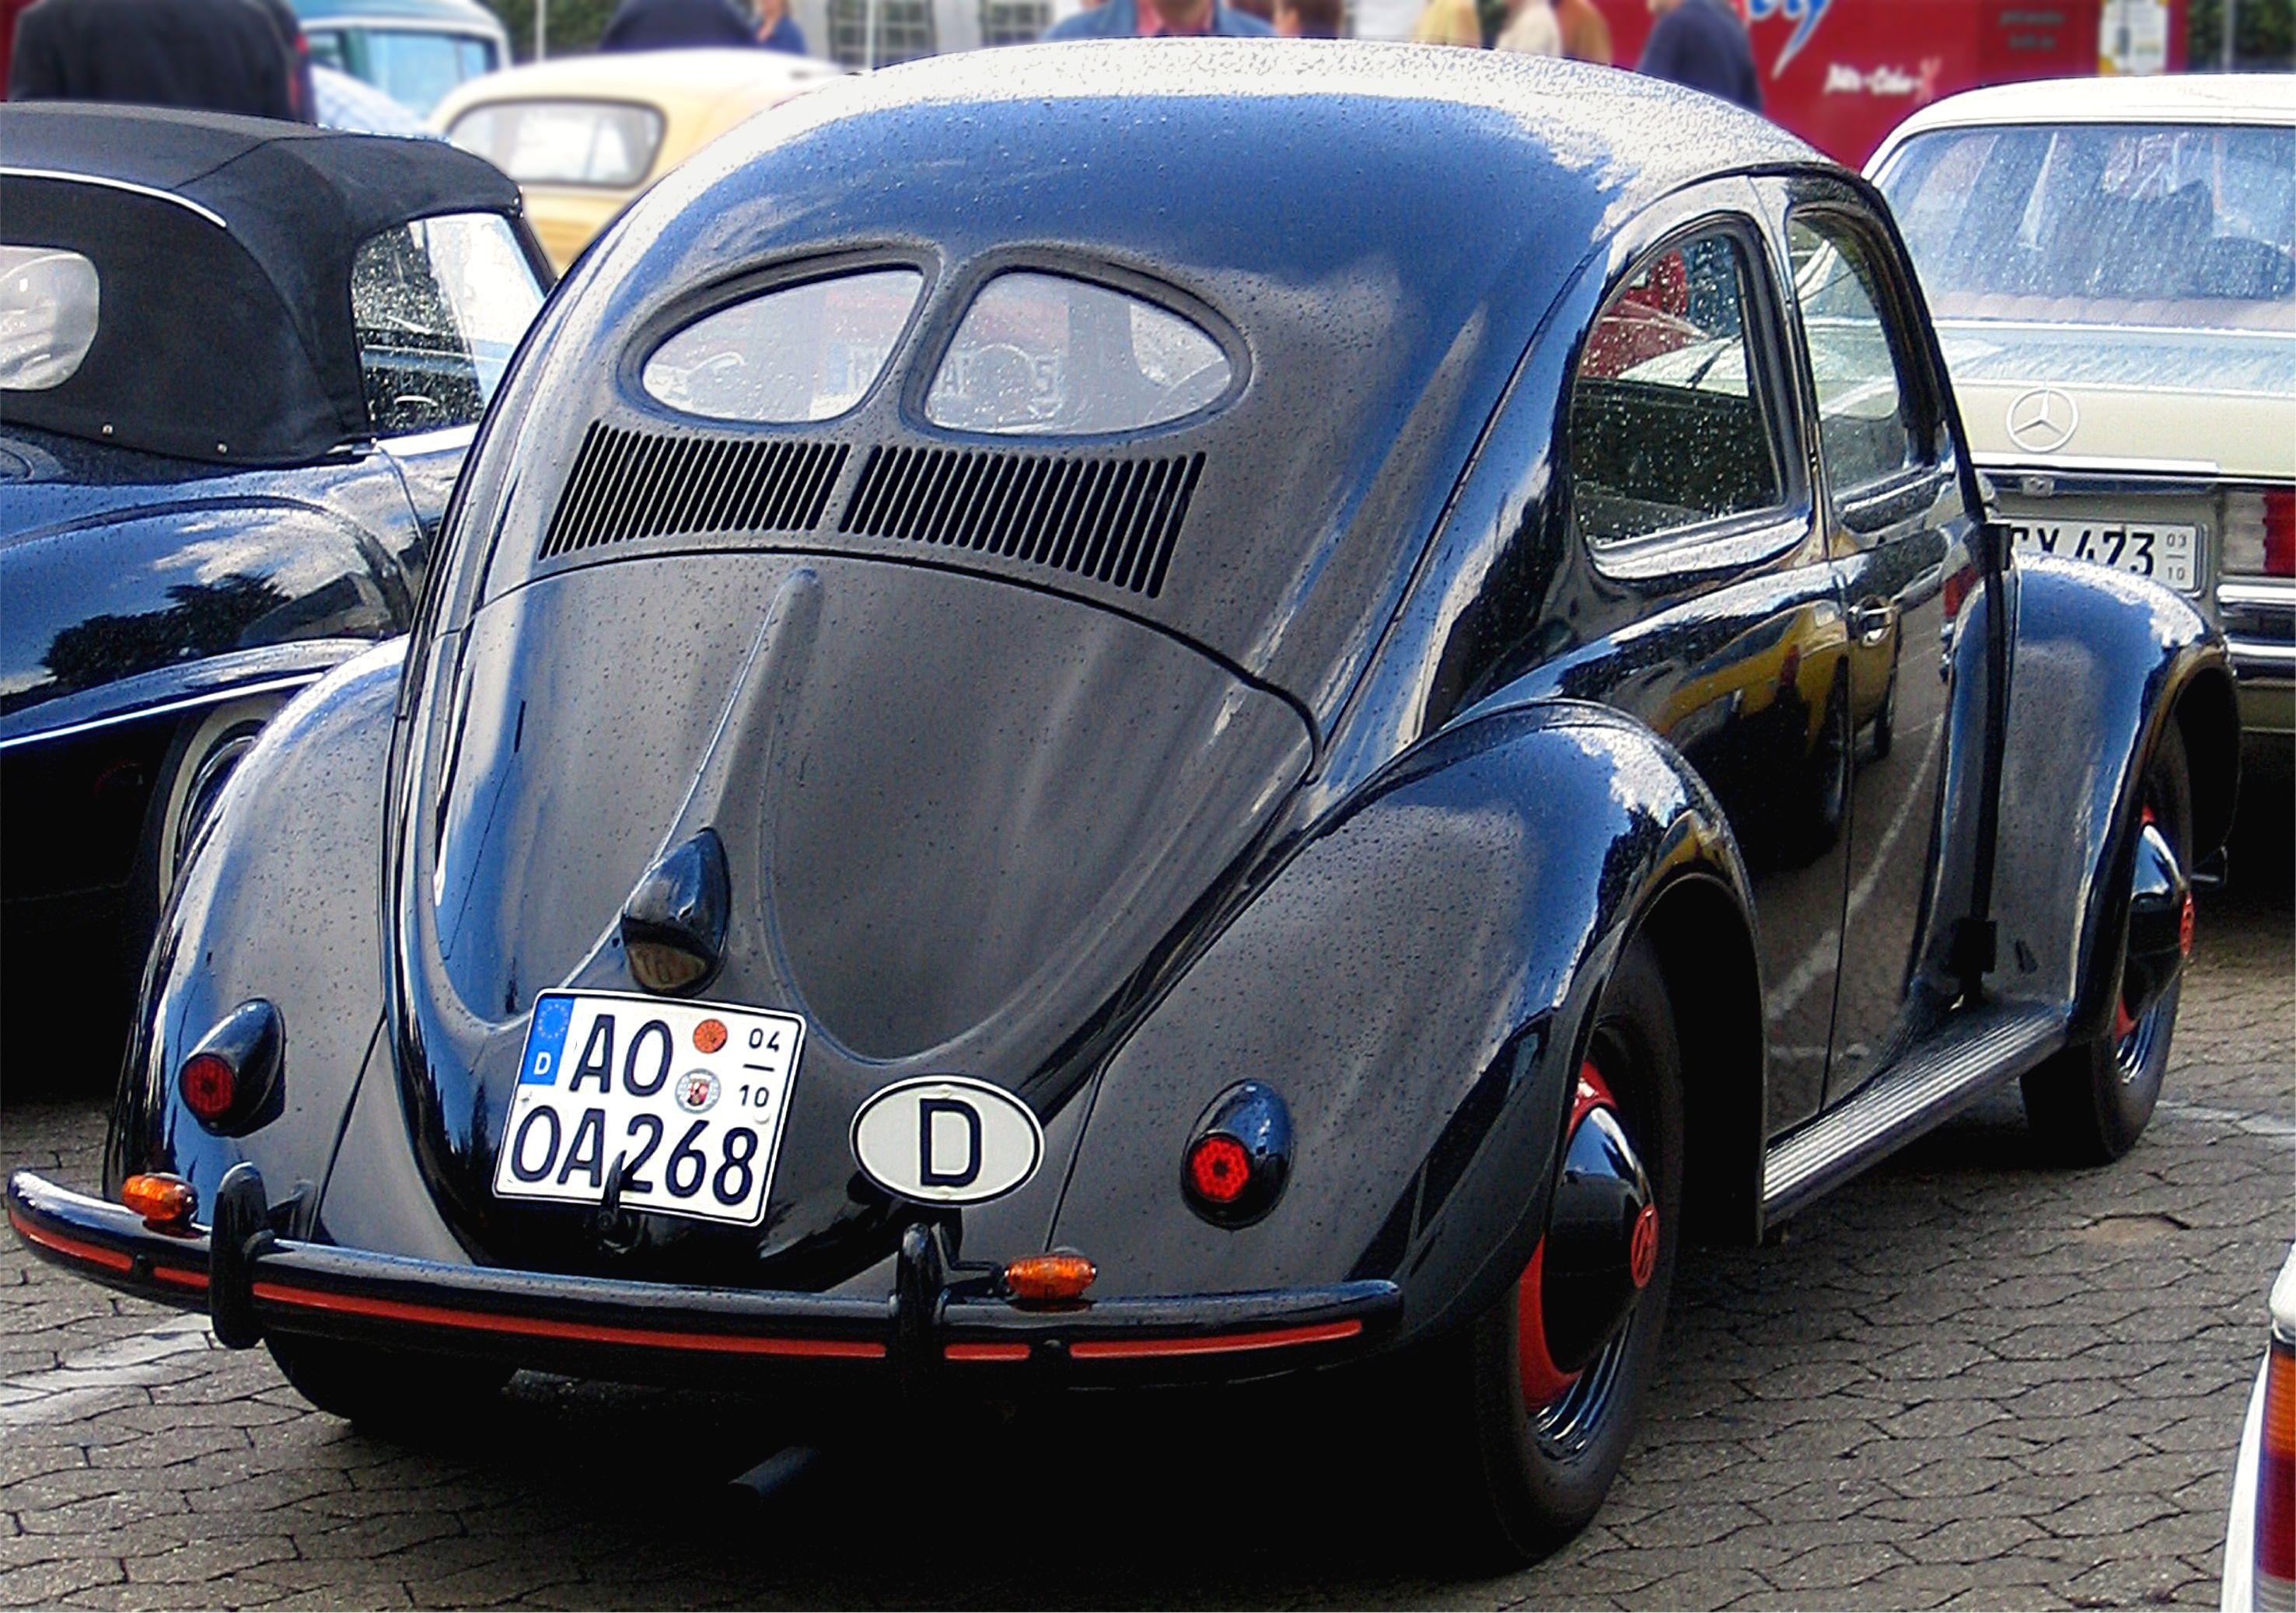 Cars & More | Placas, Escarabajo y Buscar con google